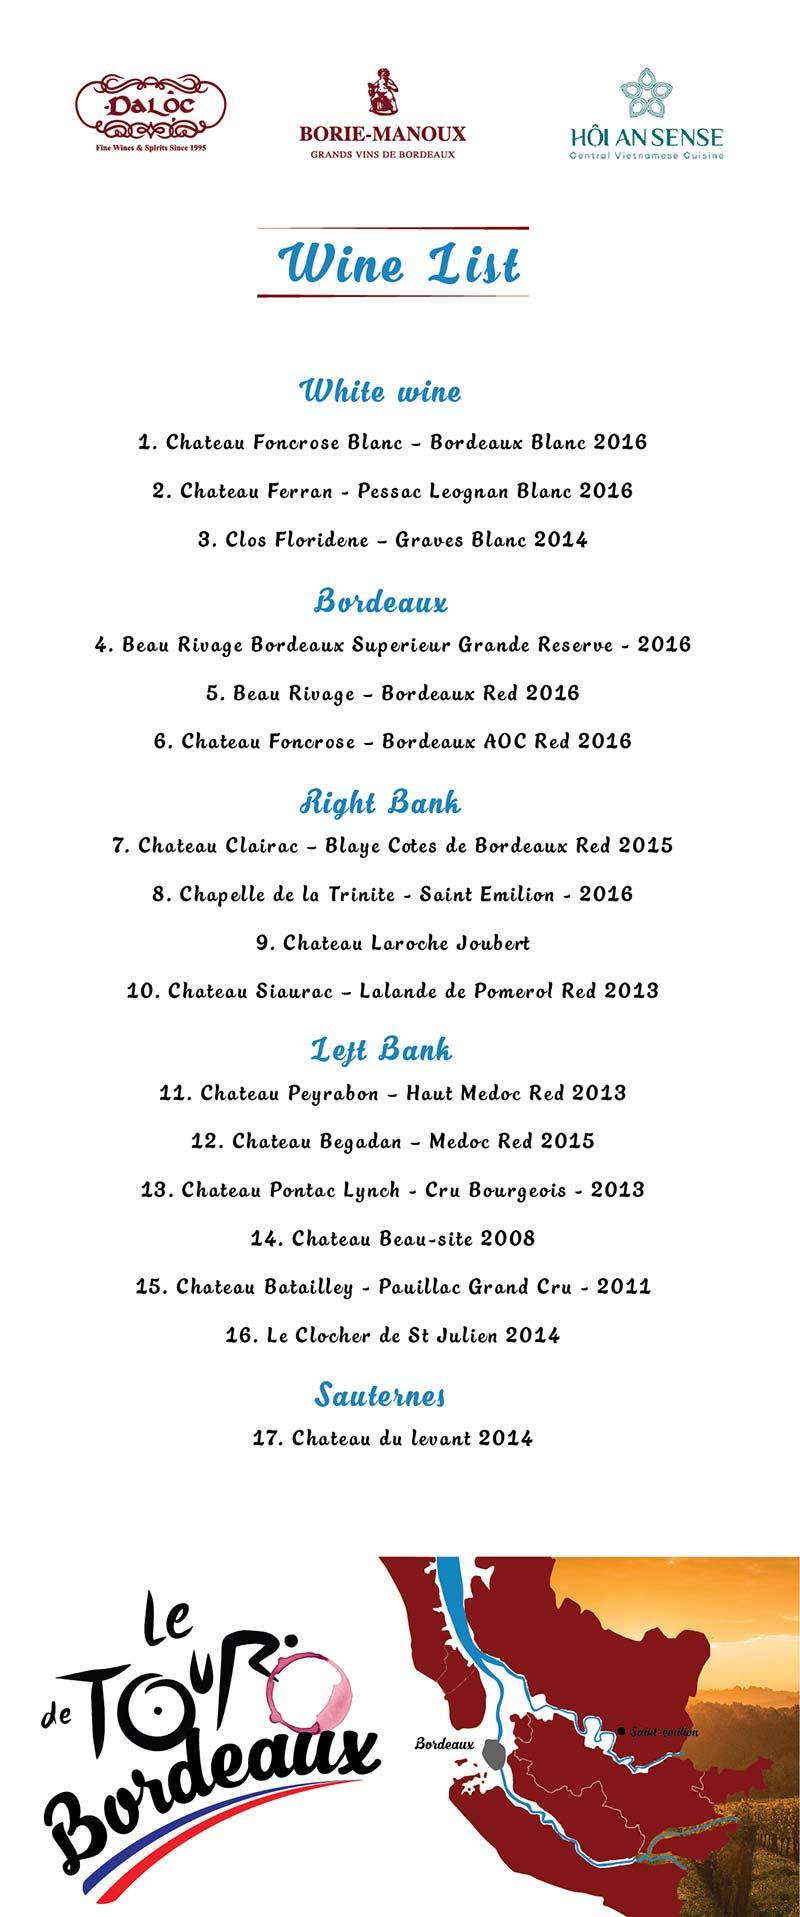 Wine list tasting